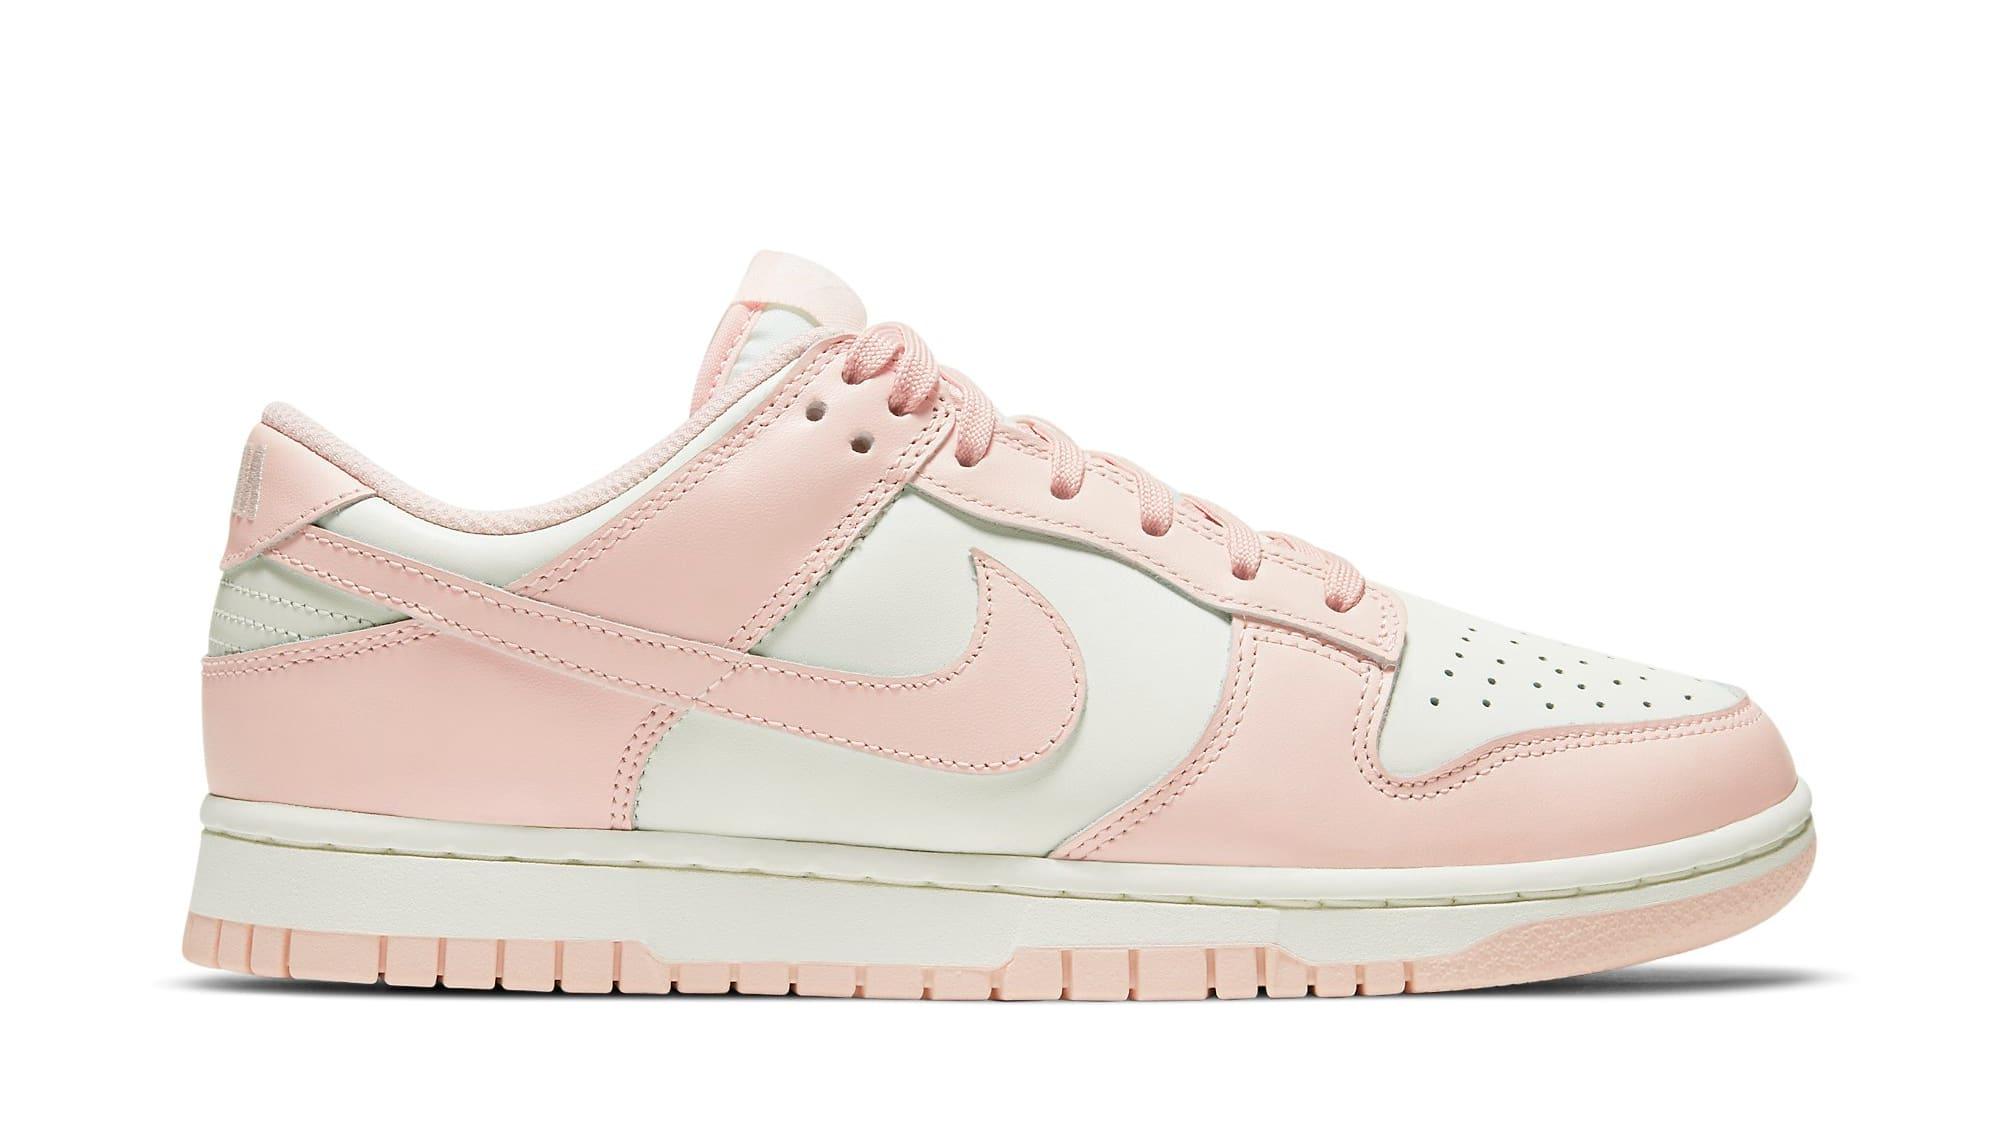 Nike Dunk Low Women's 'Orange Pearl' DD1503-102 Release Date